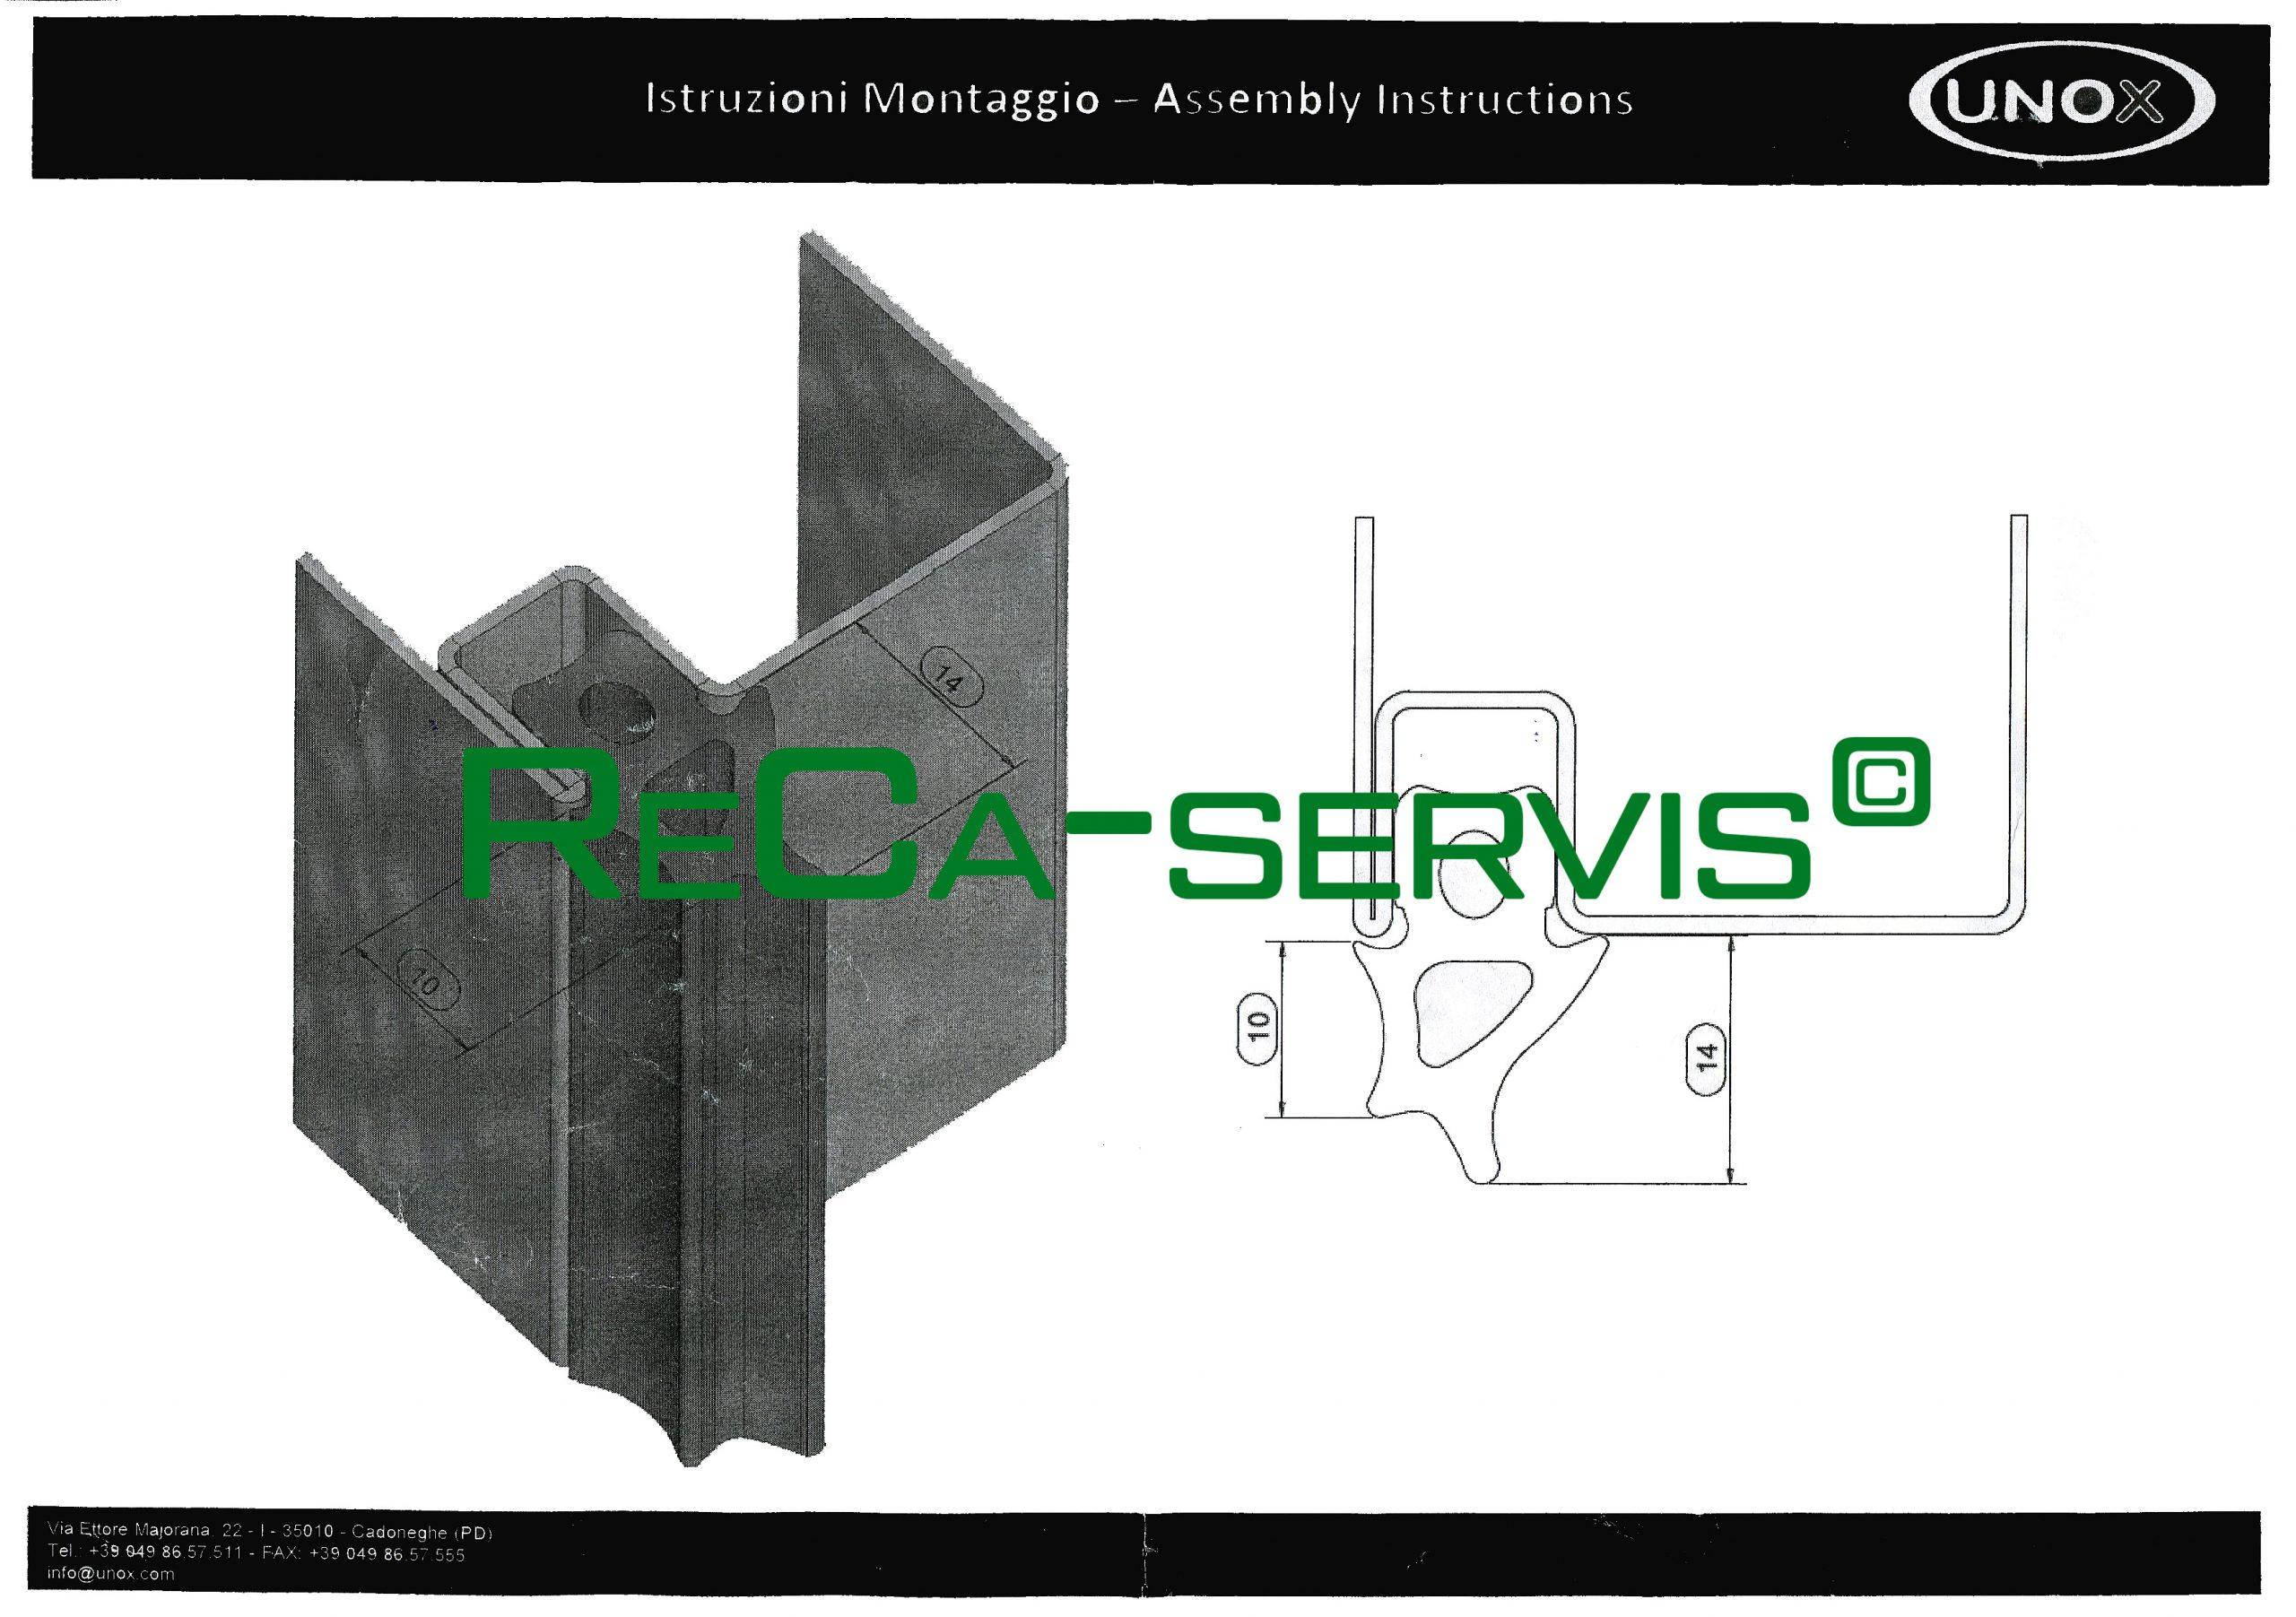 ReCa-servis_Unox_KGN1663A011